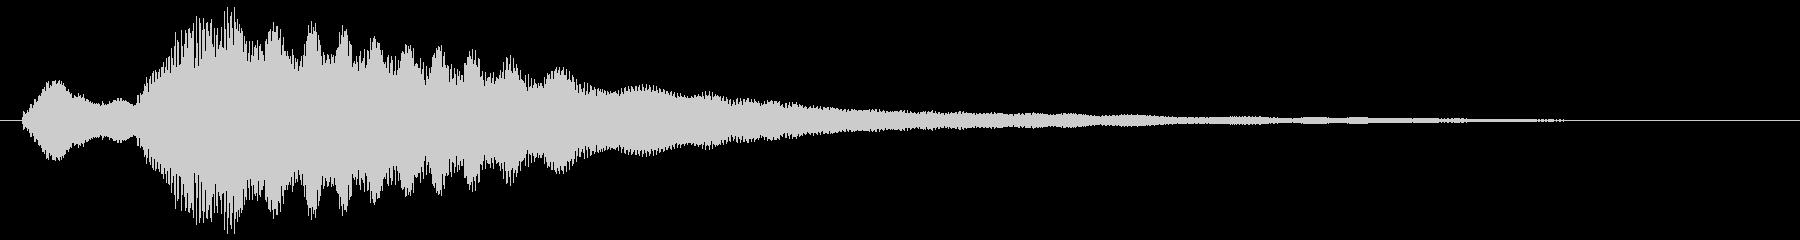 キラーン(勝利を意味するドヤ顔音)の未再生の波形